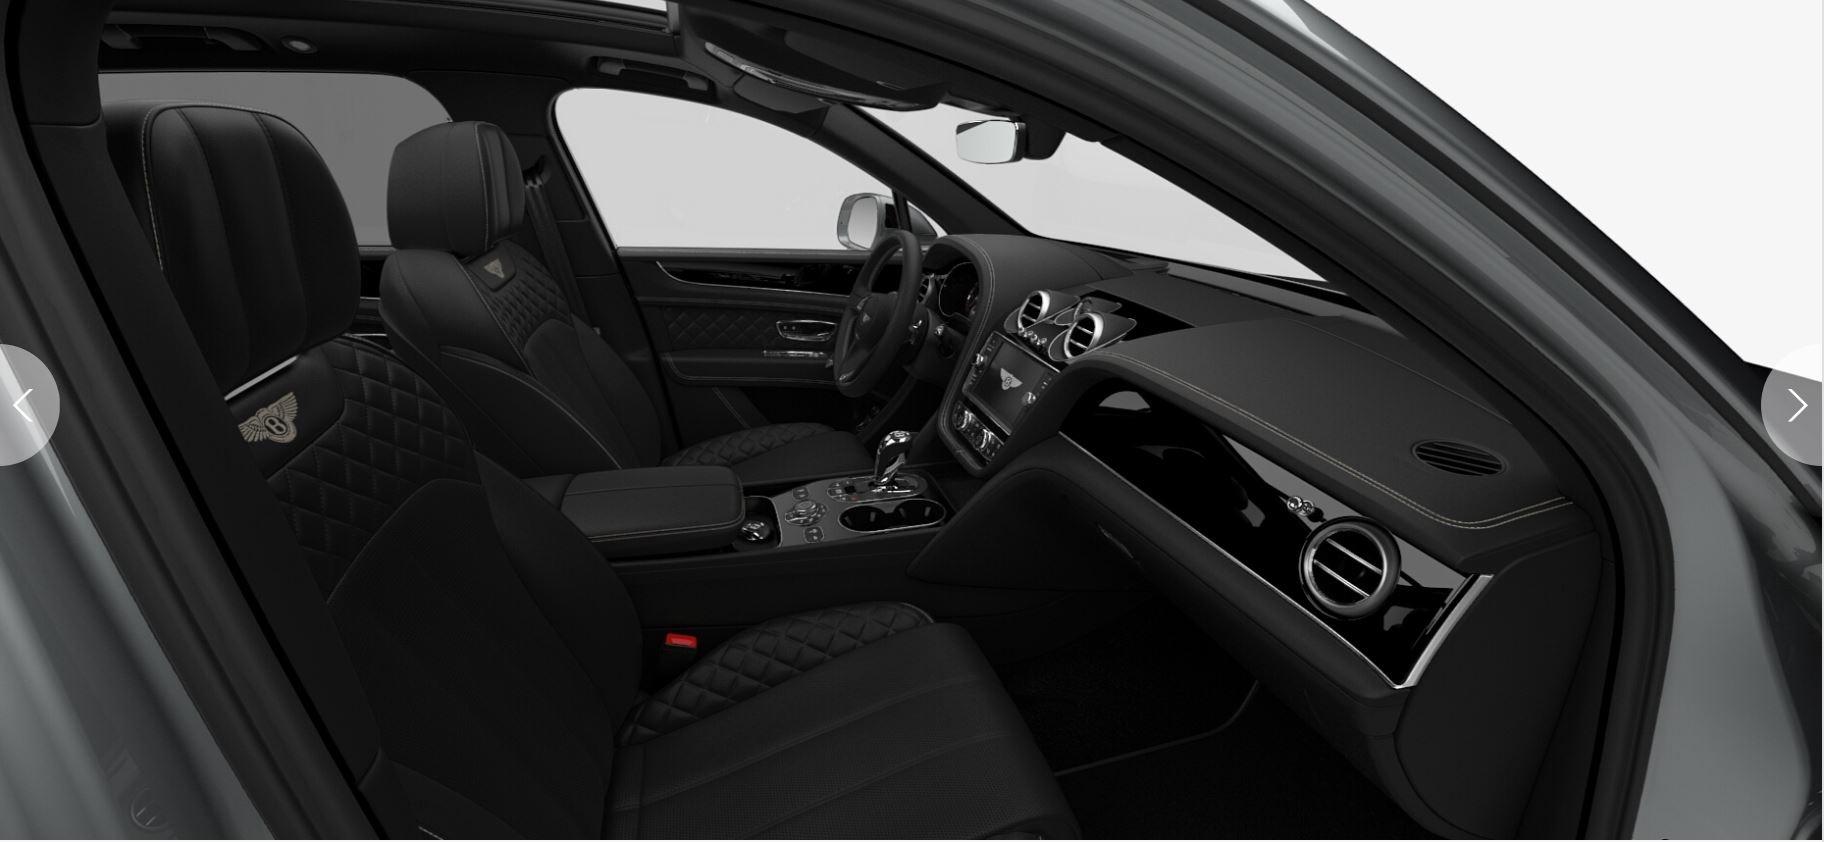 Used 2018 Bentley Bentayga Signature For Sale In Westport, CT 2094_p7